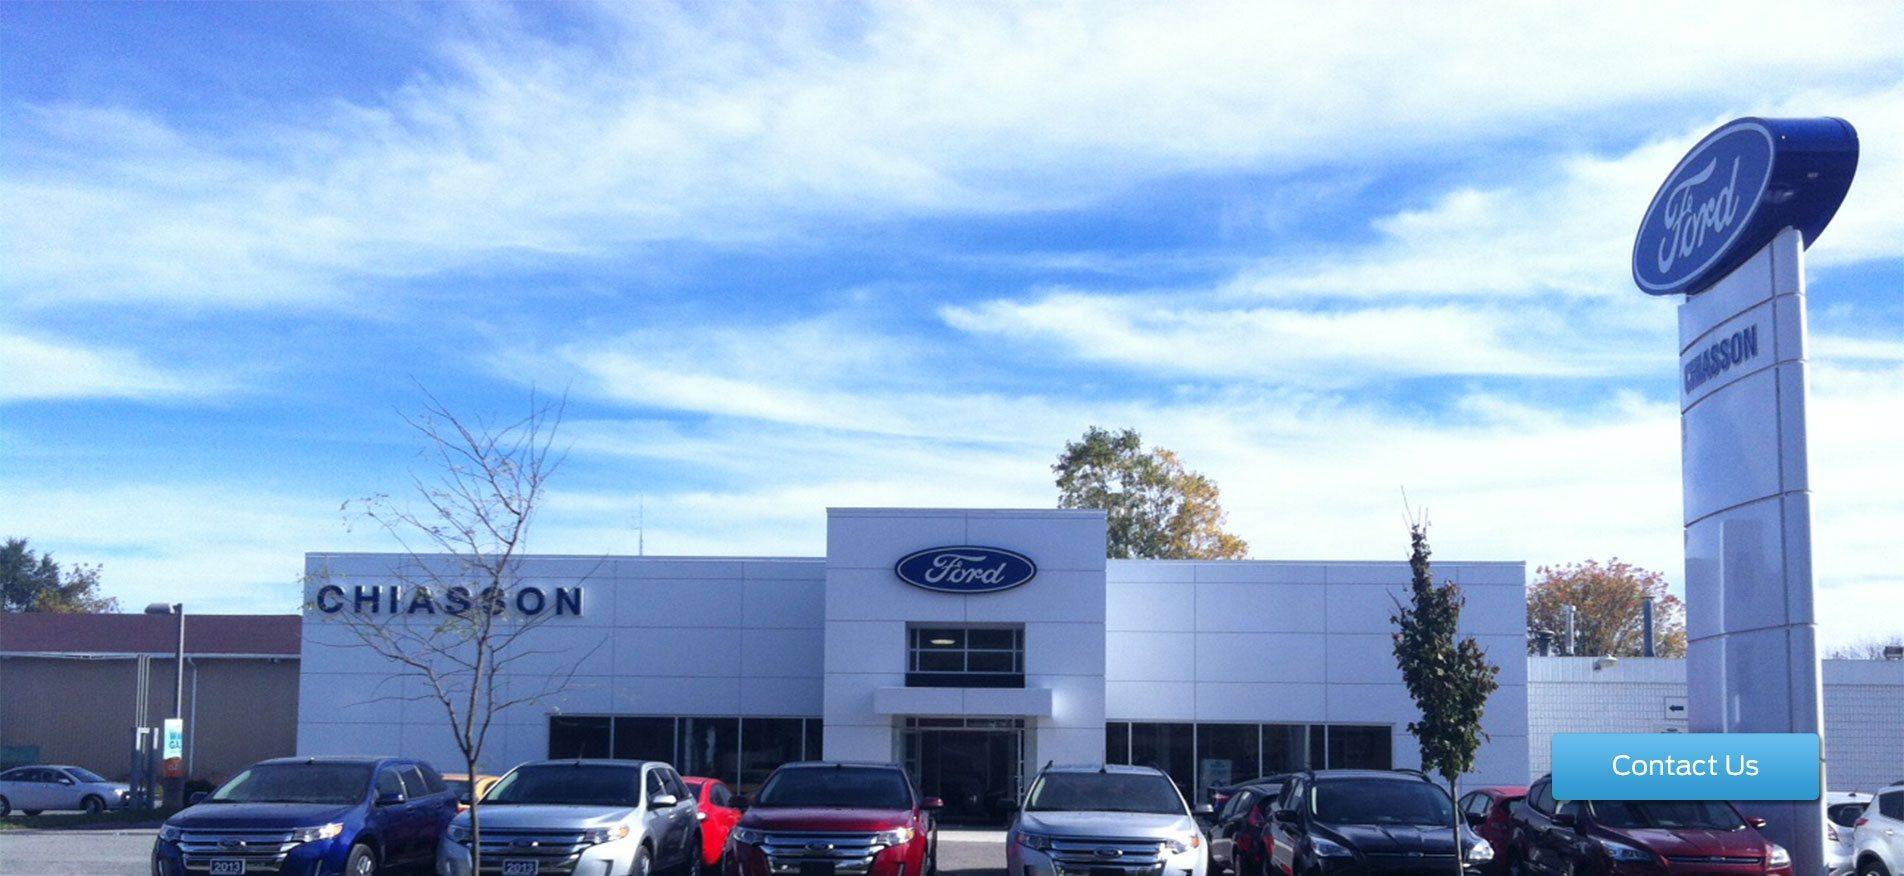 Chiasson Ford